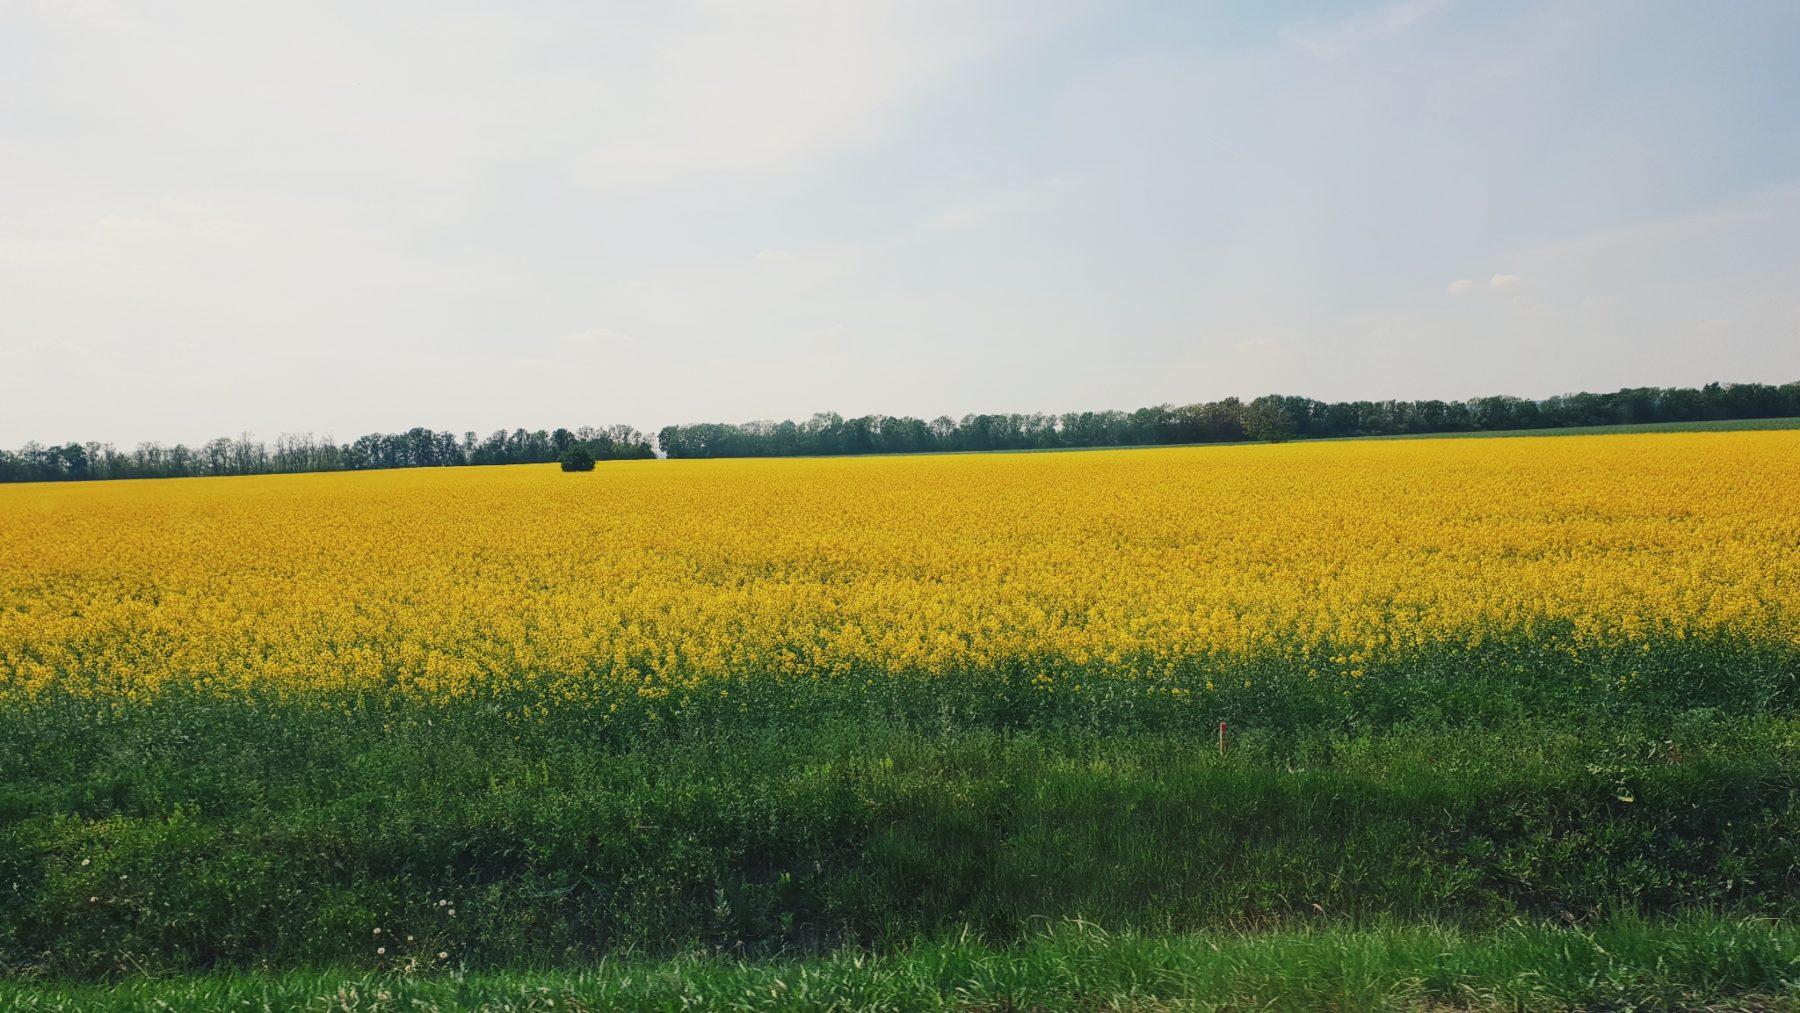 W drodze, czyli piękne pola rzepaku, oczywiście w Polsce też są, ale wszędzie zachwycają mnie tak samo